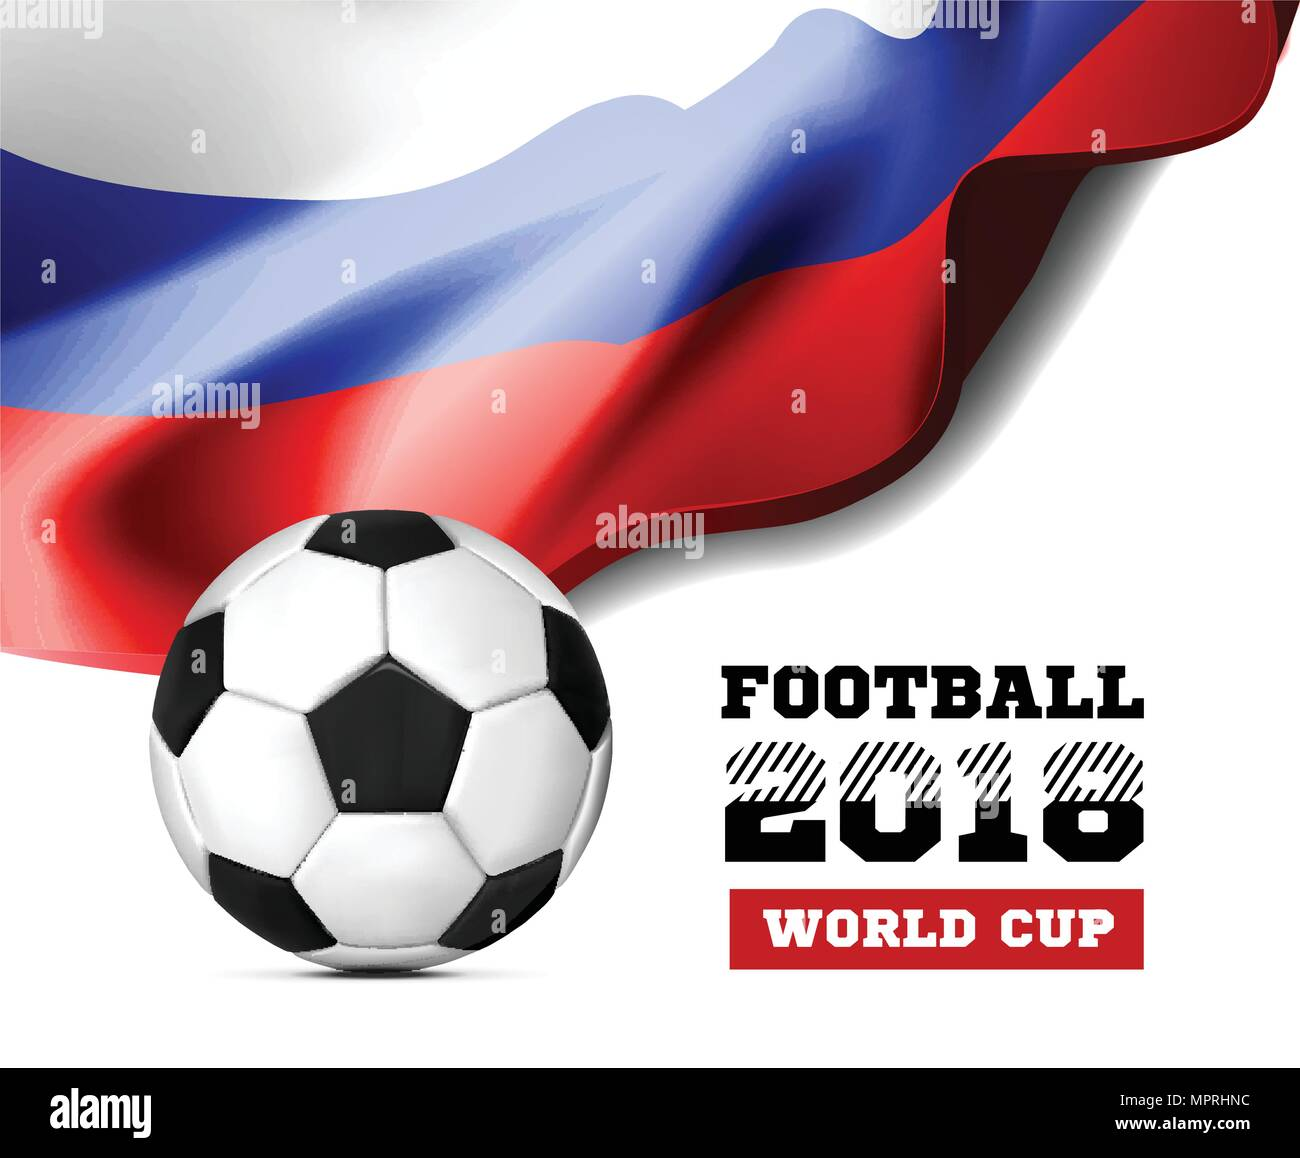 Fussball Wm 2018 Hintergrund Fussball Russland Mit Flagge Und